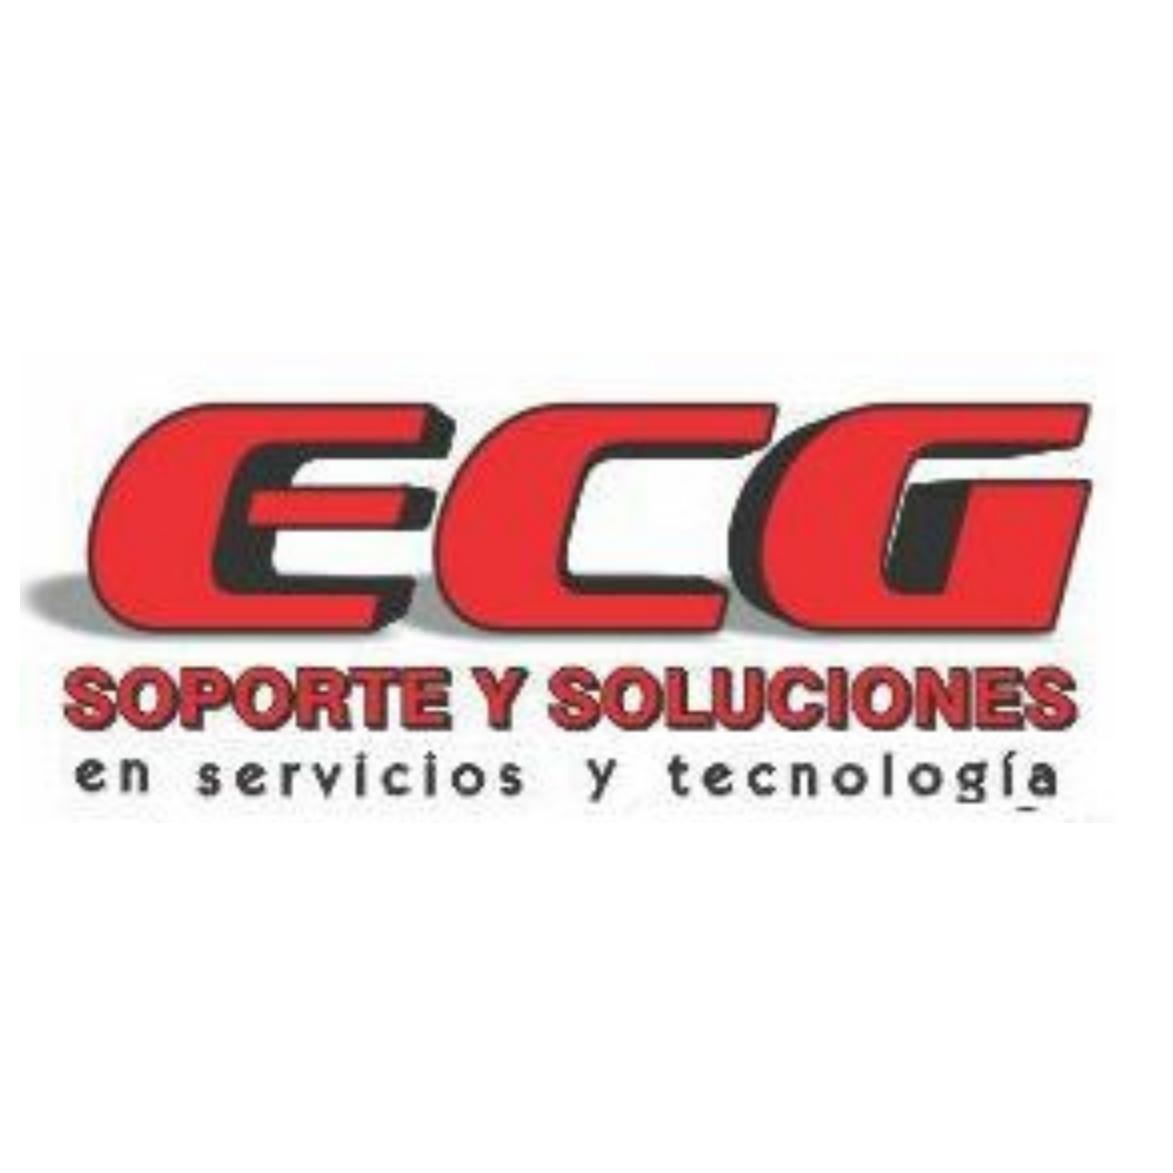 Ecg Soporte y Soluciones en Servicios y Tecnología